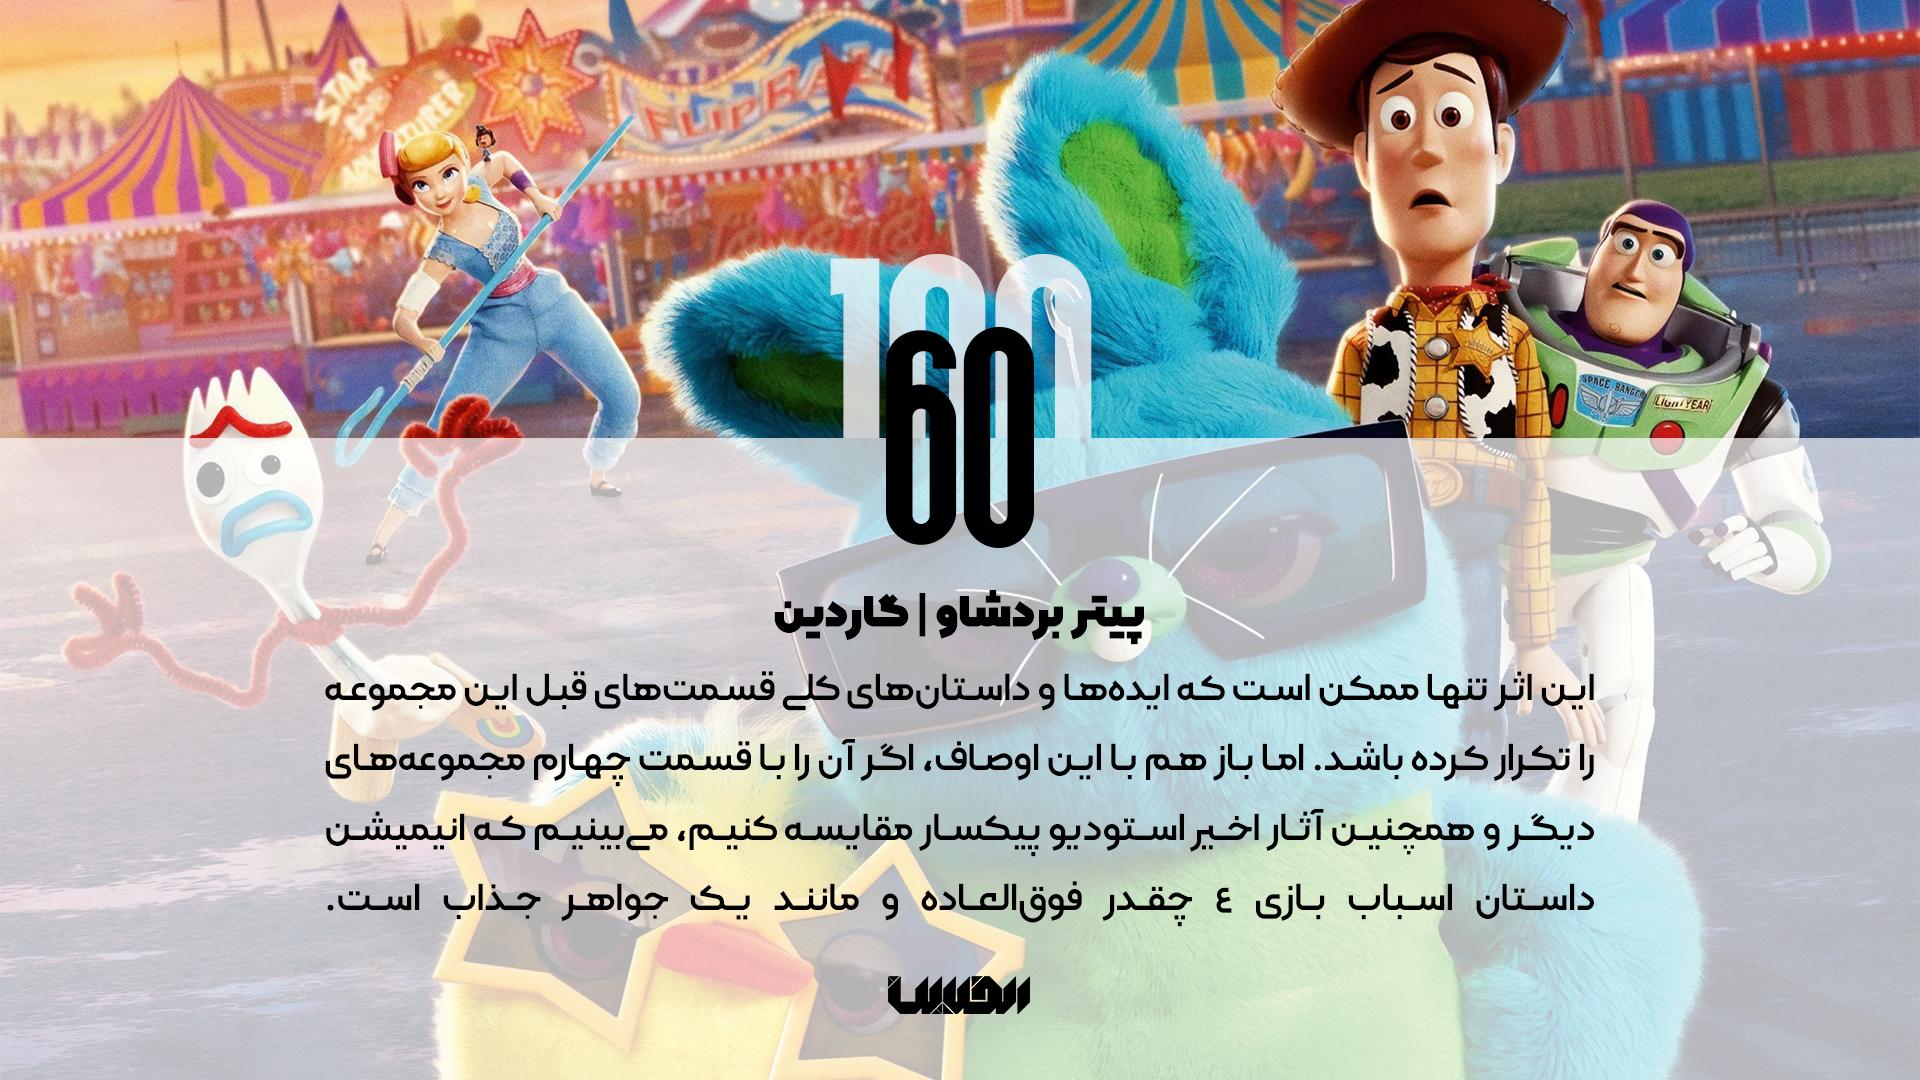 نظر منتقدان درباره انیمیشن داستان اسباب بازیهای 4 - پیتر بردشاو گاردین